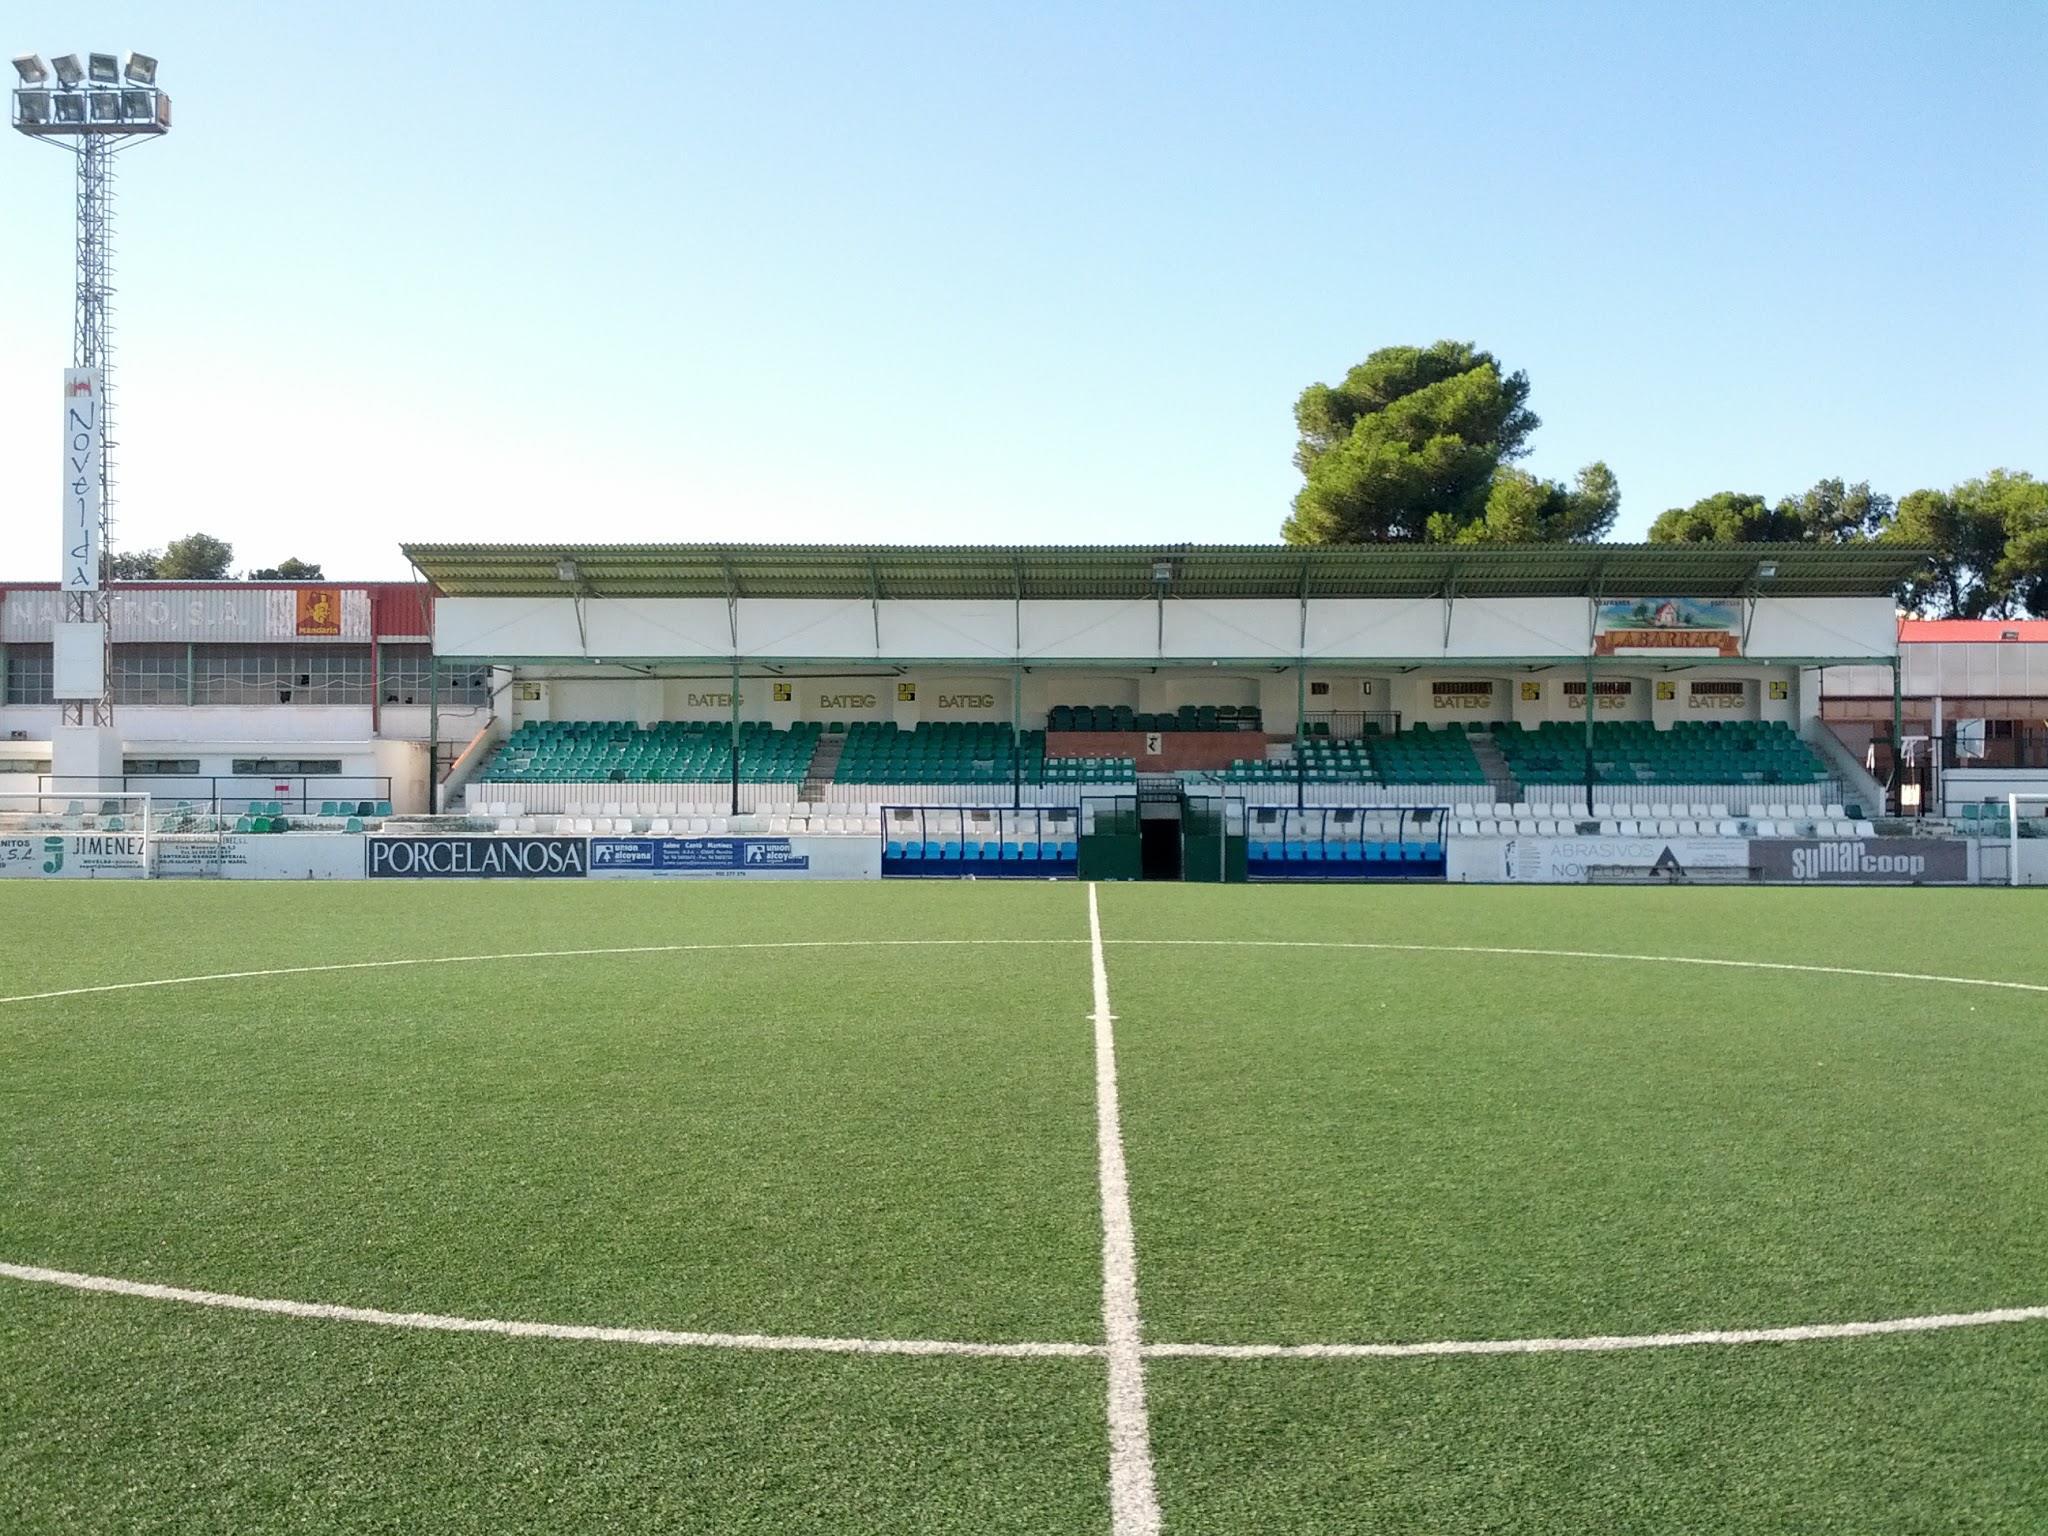 La final de copa entre Barcelona y Sevilla se jugará en el campo de La Magdalena